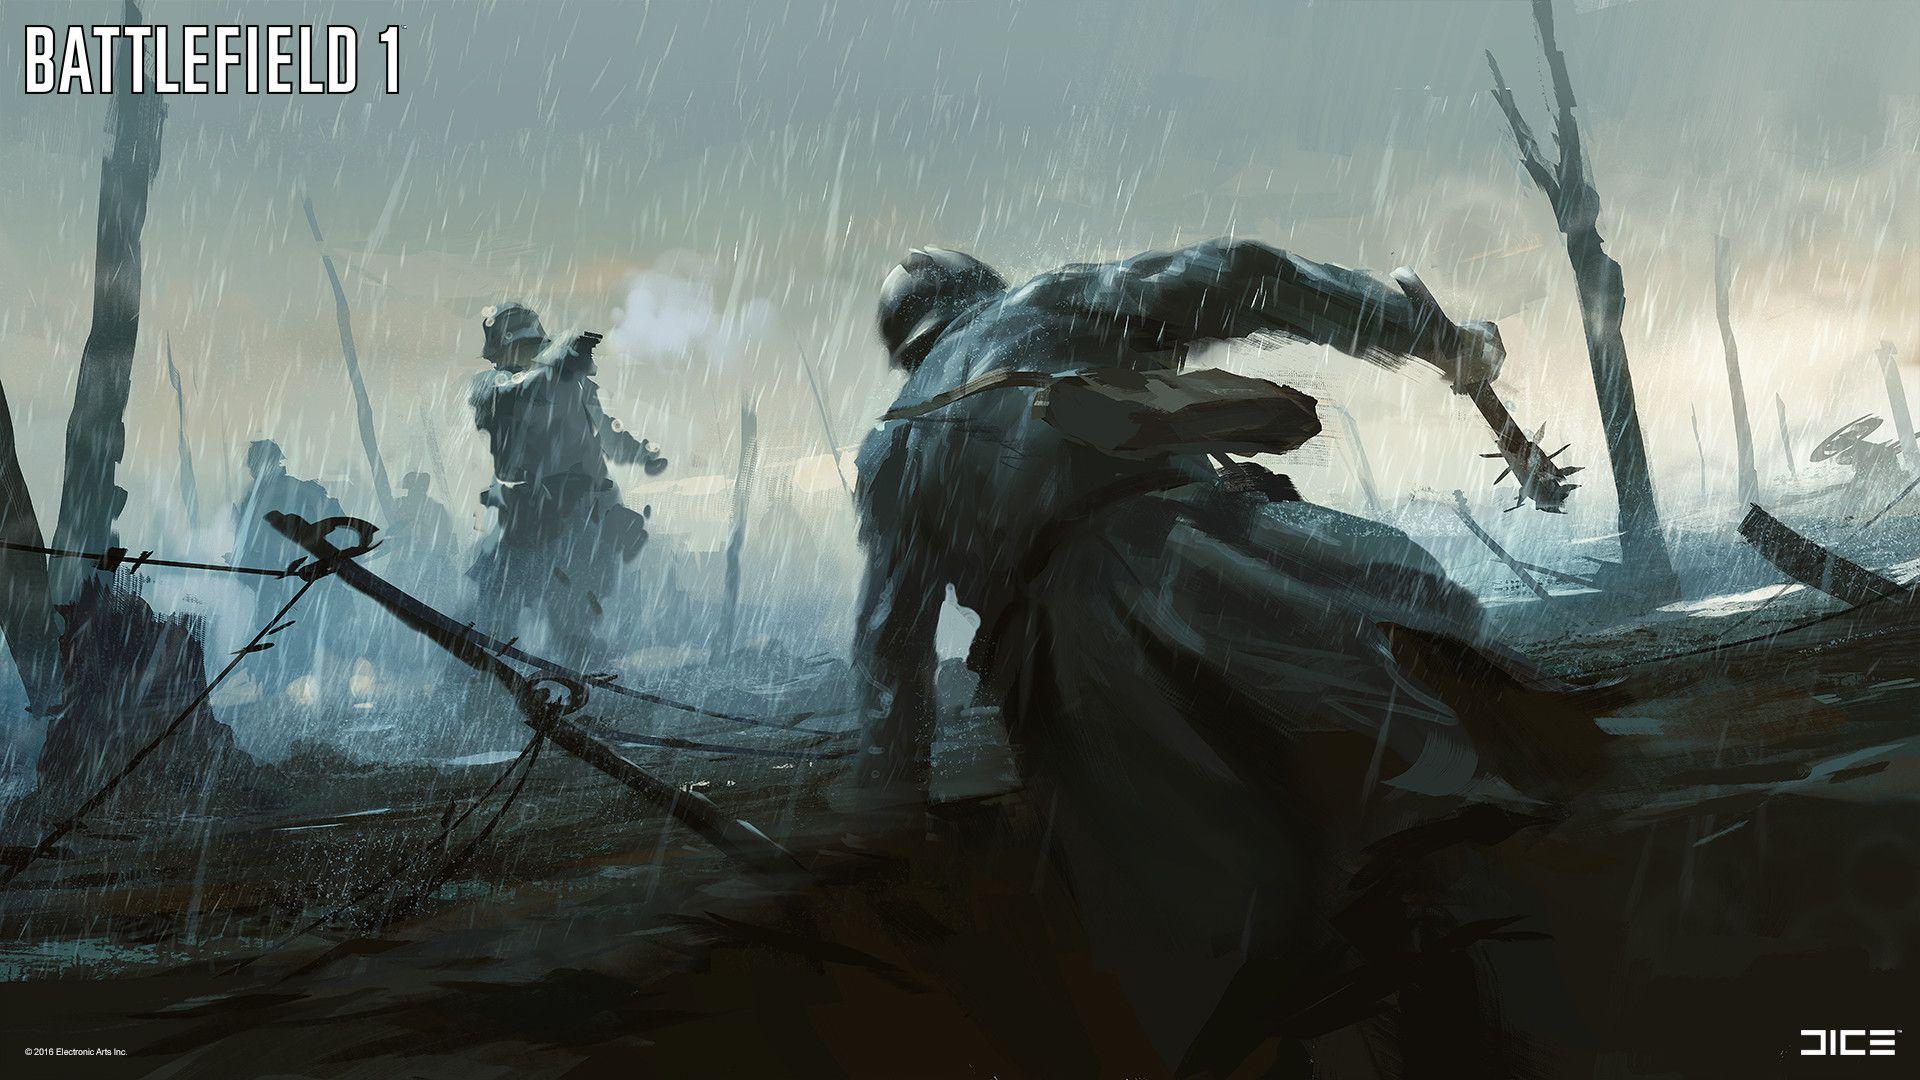 The Art Of Battlefield 1 | WW1 | Battlefield 1, Concept art